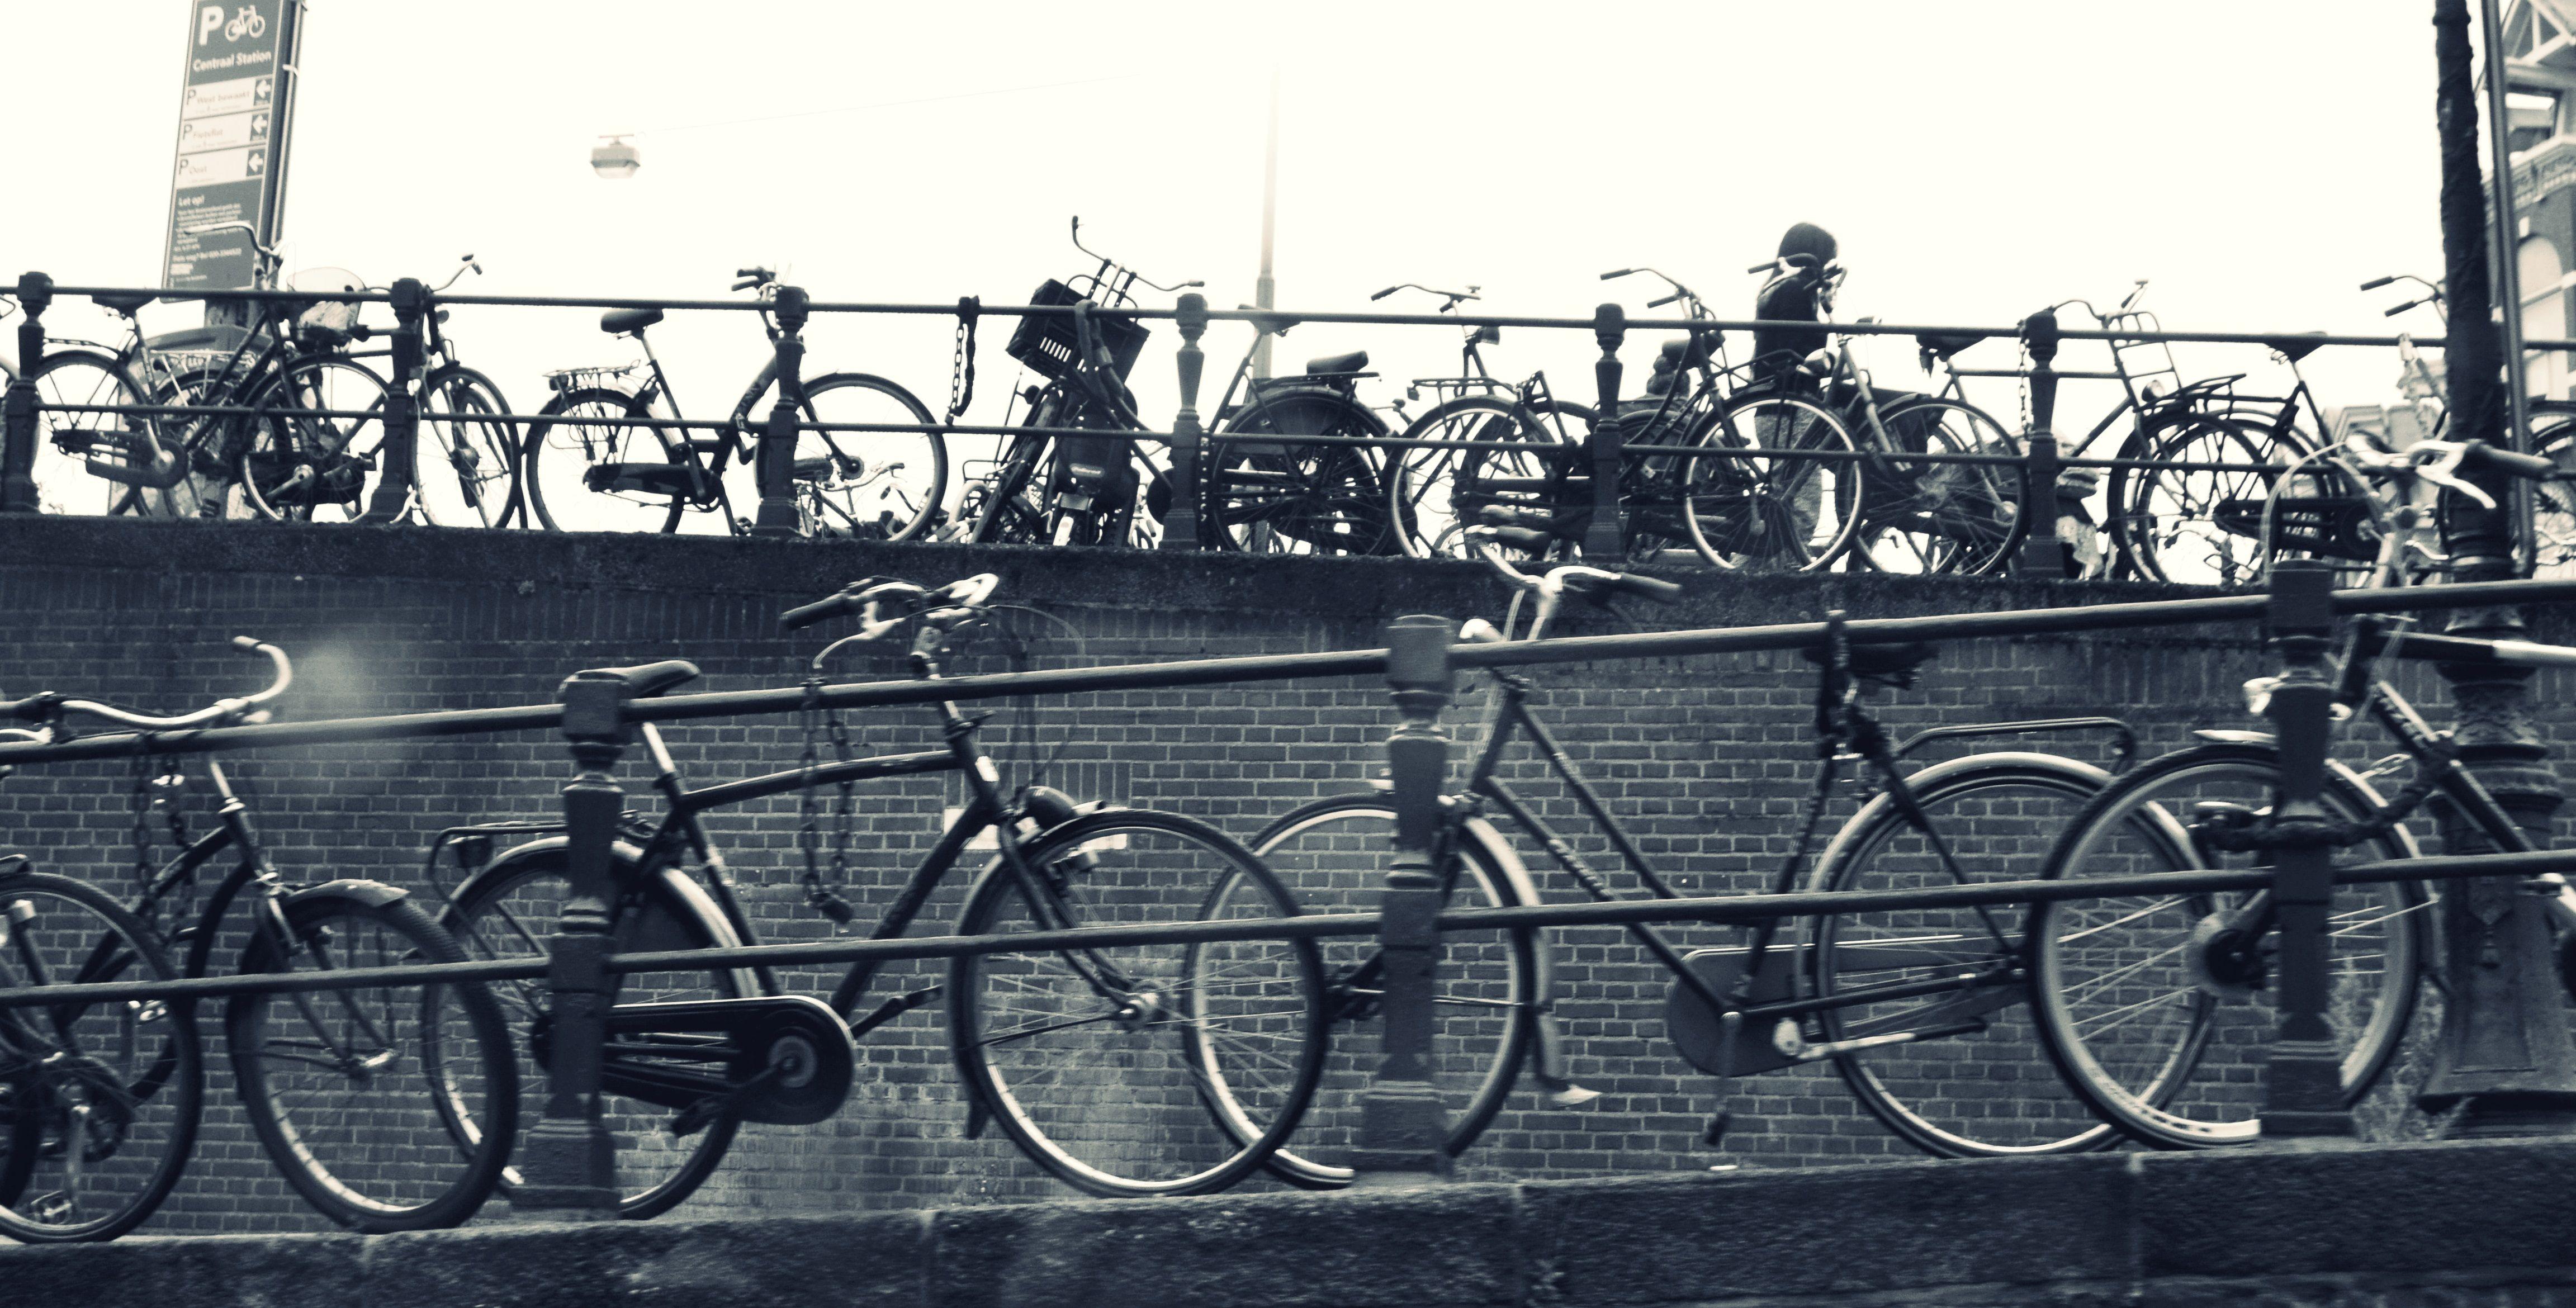 Bicletas aparcadas junto a un canal